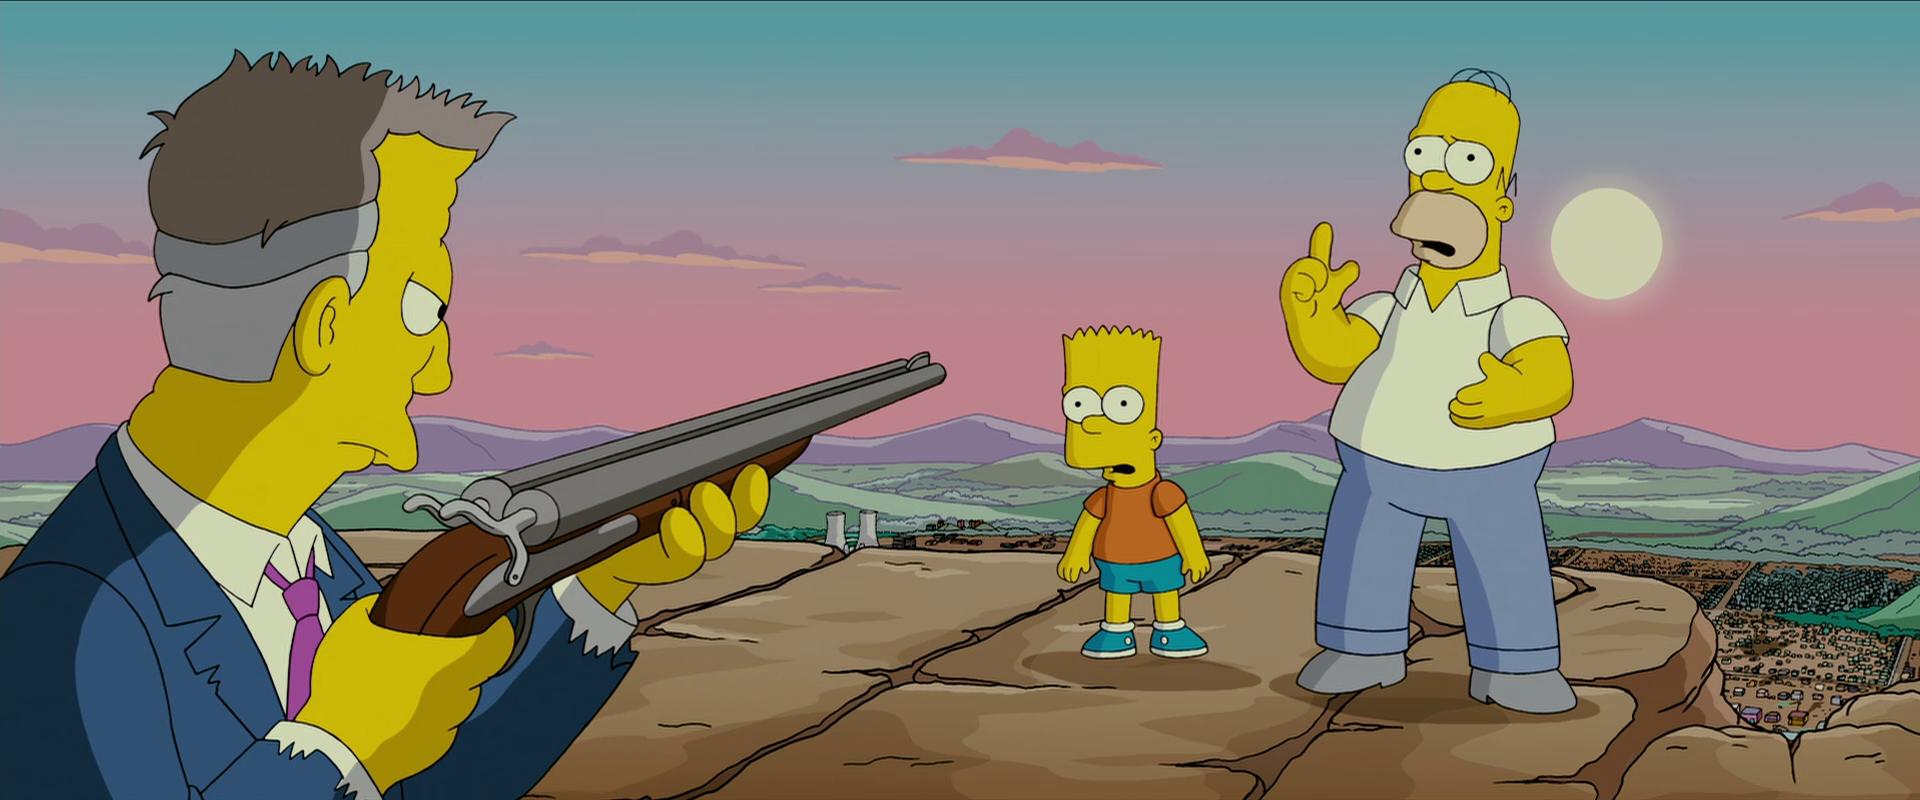 Смешные картинки из мультиков симпсоны, герои